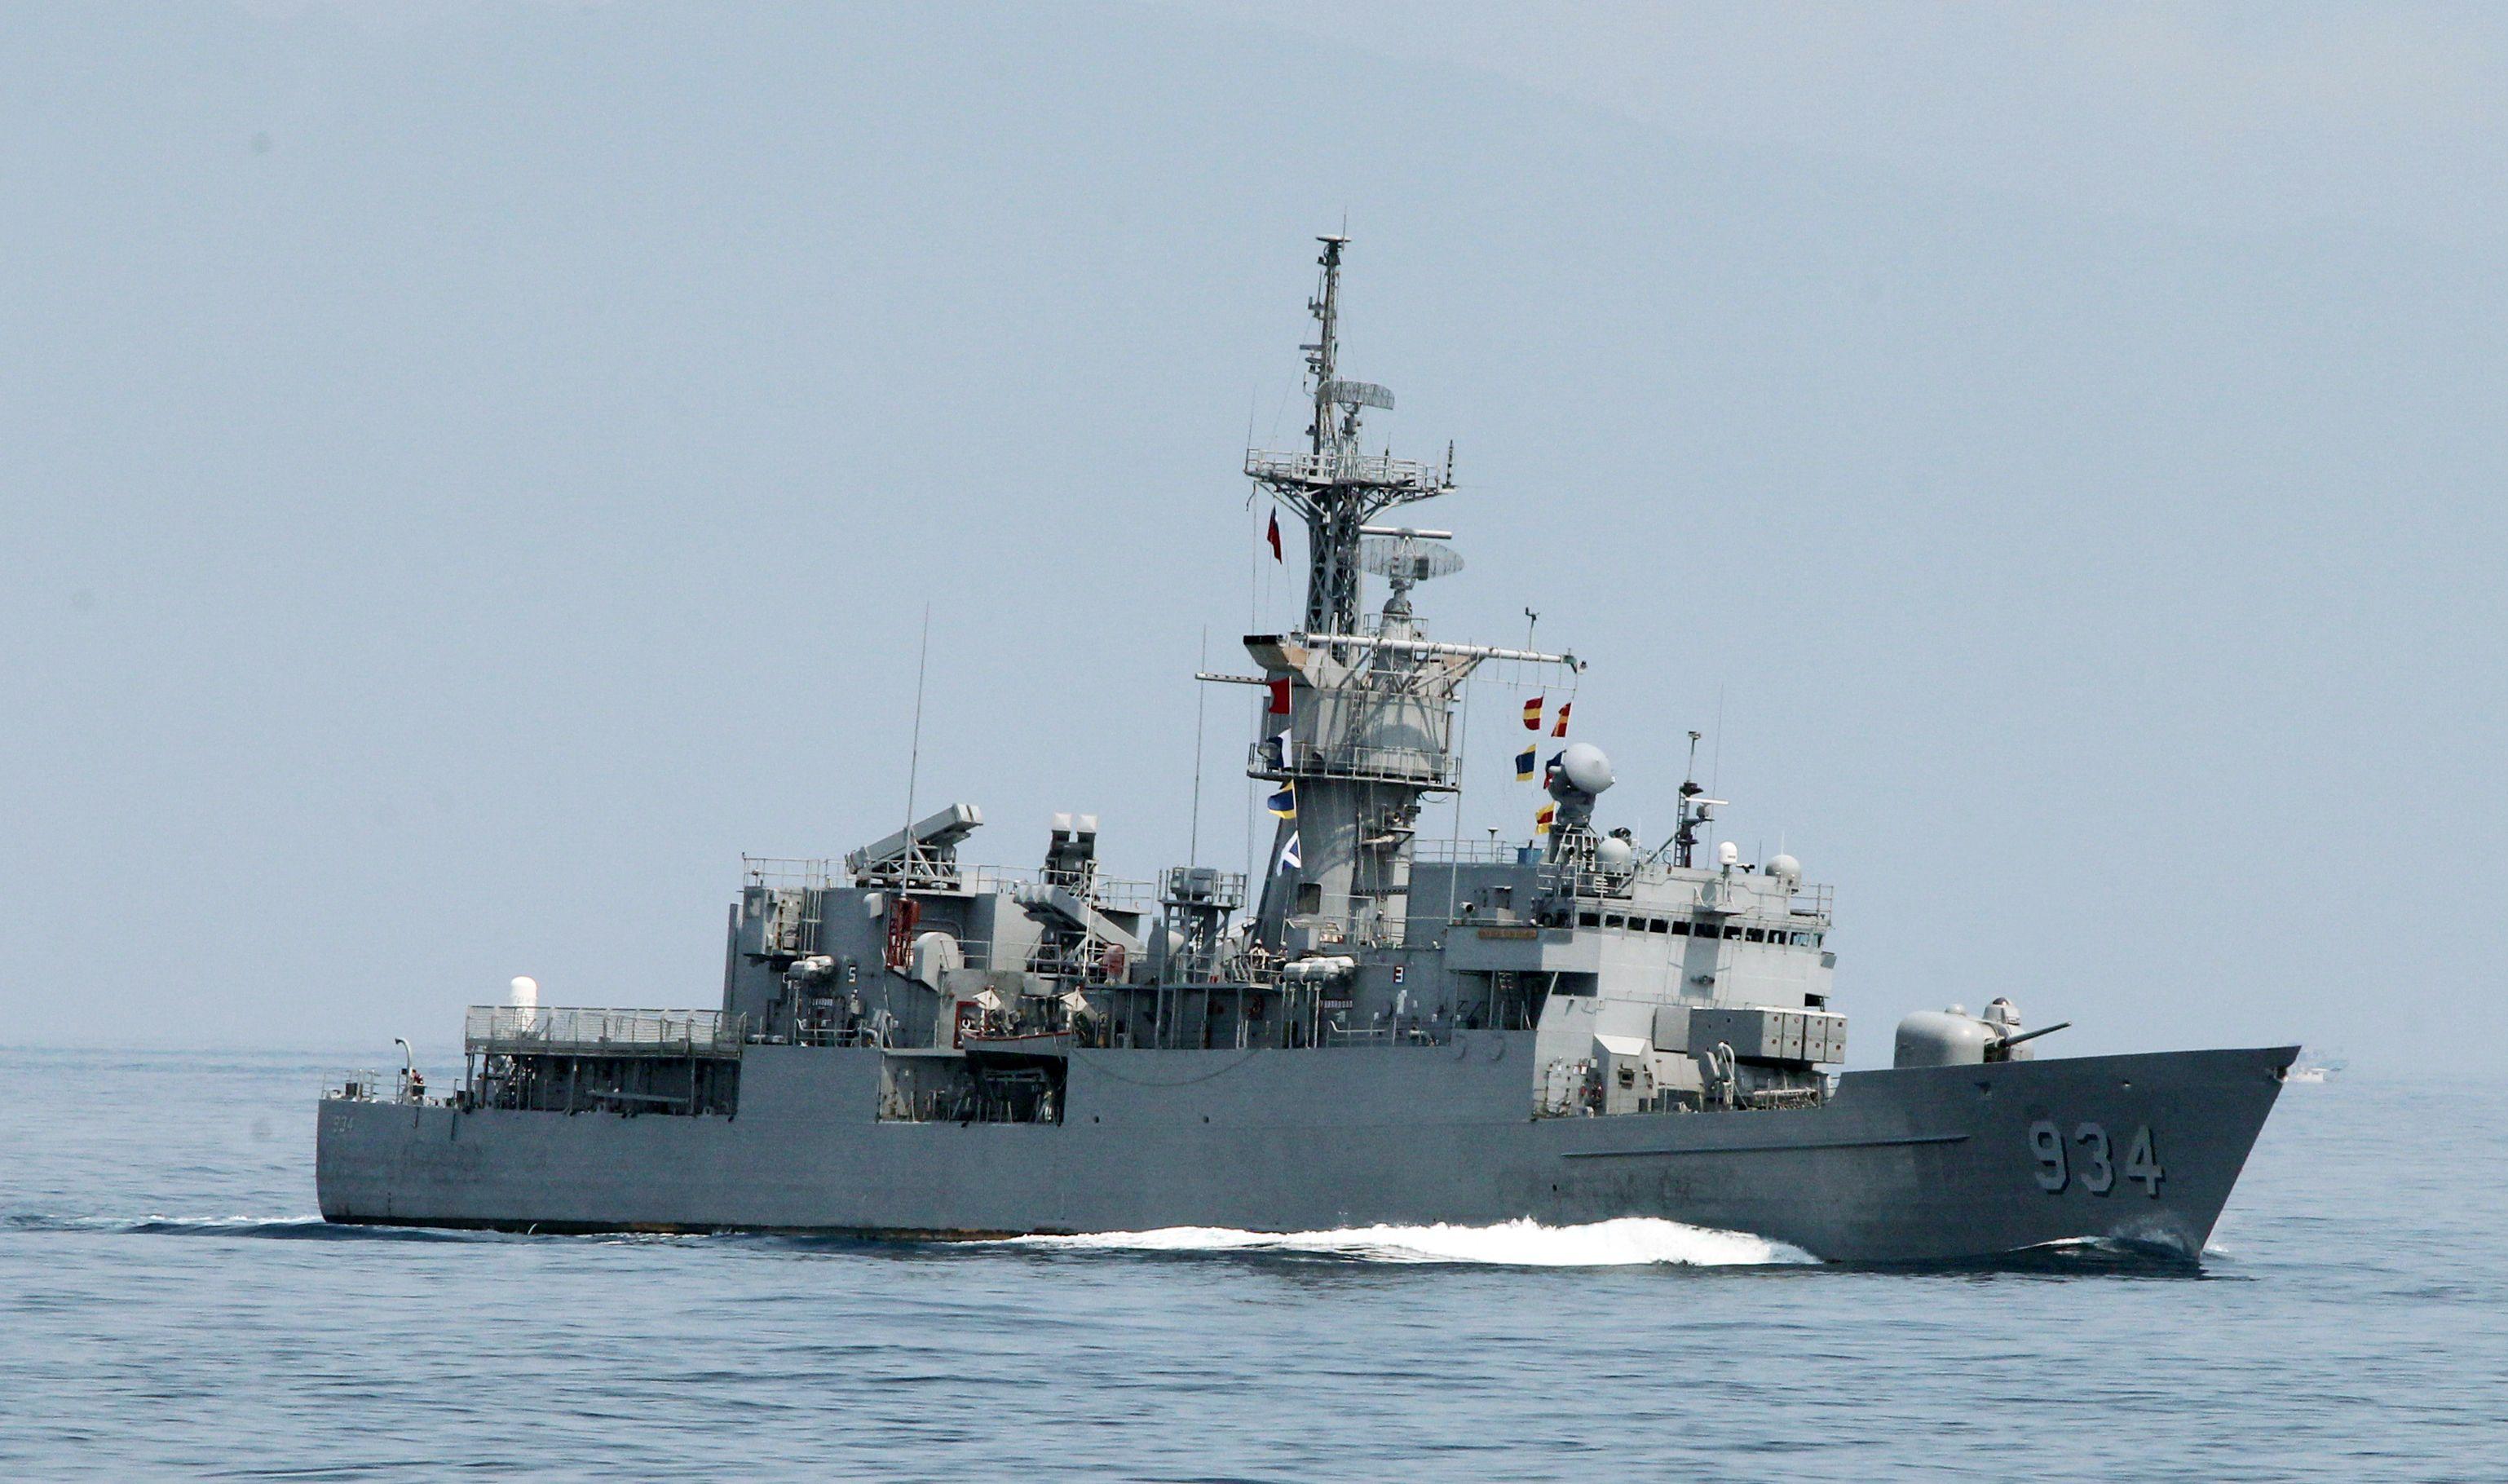 濟陽級飛彈巡防艦執行反潛、偵巡、防衛作戰任務。(記者邱榮吉/蘇澳拍攝)